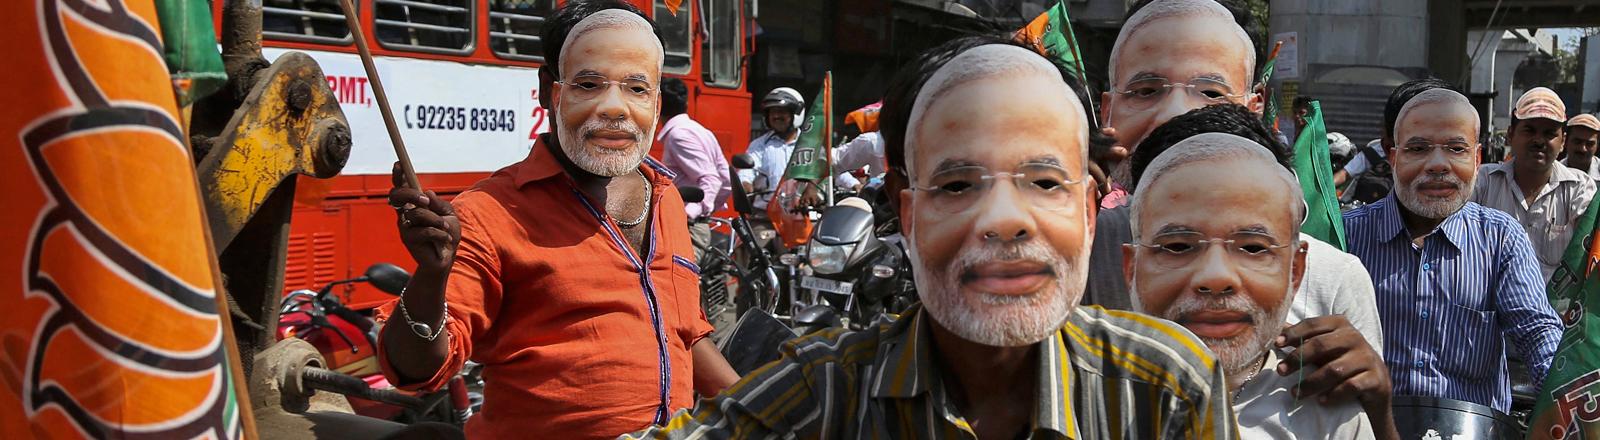 Männer haben sich Pappmasken aufgesetzt, die das Konterfei von Indiens neuem Premier Narendra Modi zeigen; Bild: dpa